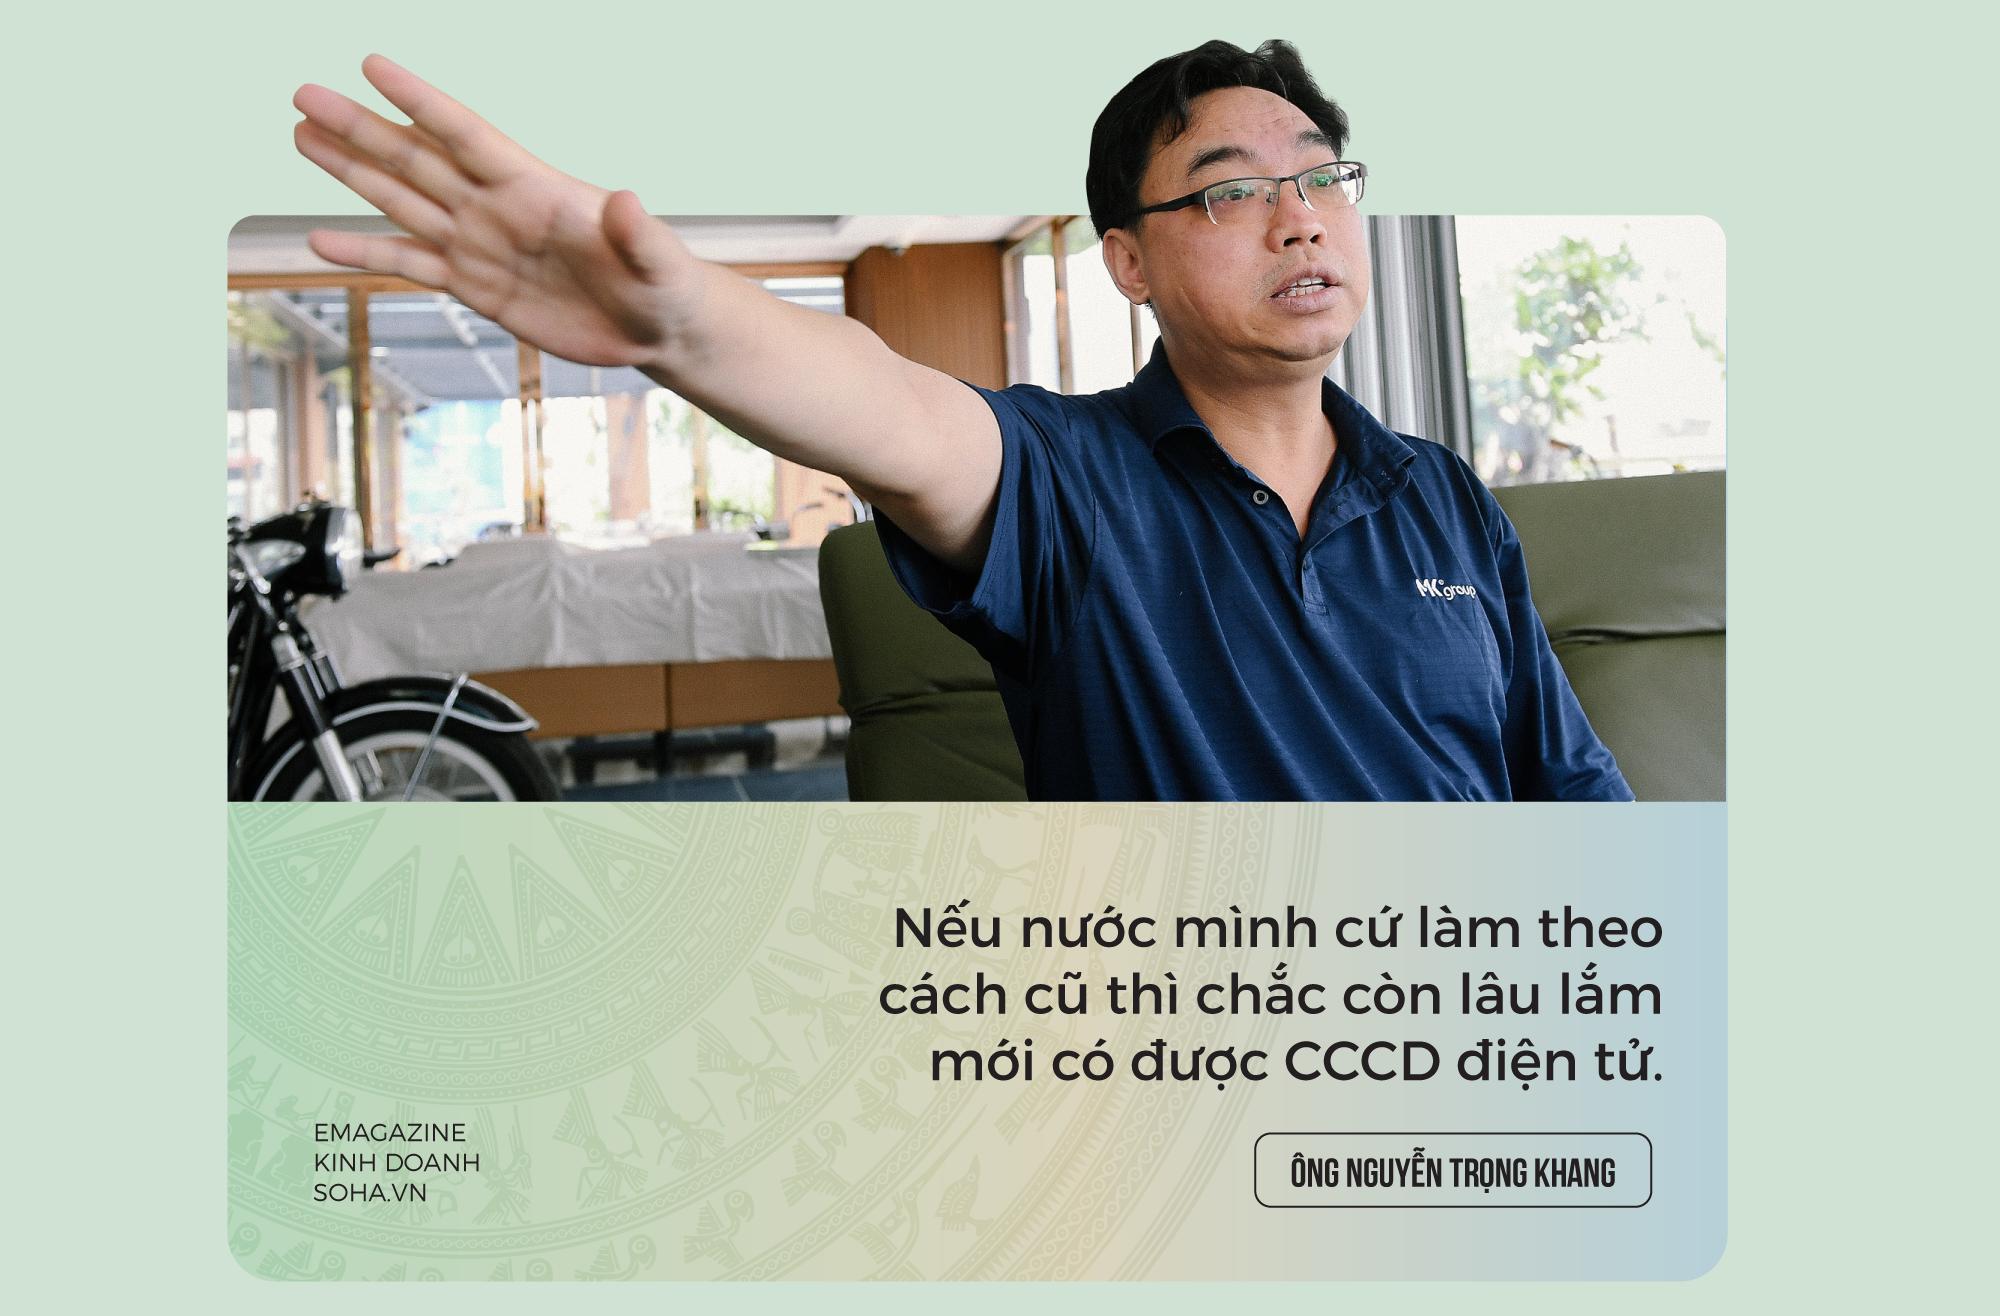 18 năm vật vã của Chủ tịch MK Group và chiếc thẻ CCCD Việt Nam giá rẻ bằng 1/2 Nhật Bản - Ảnh 3.